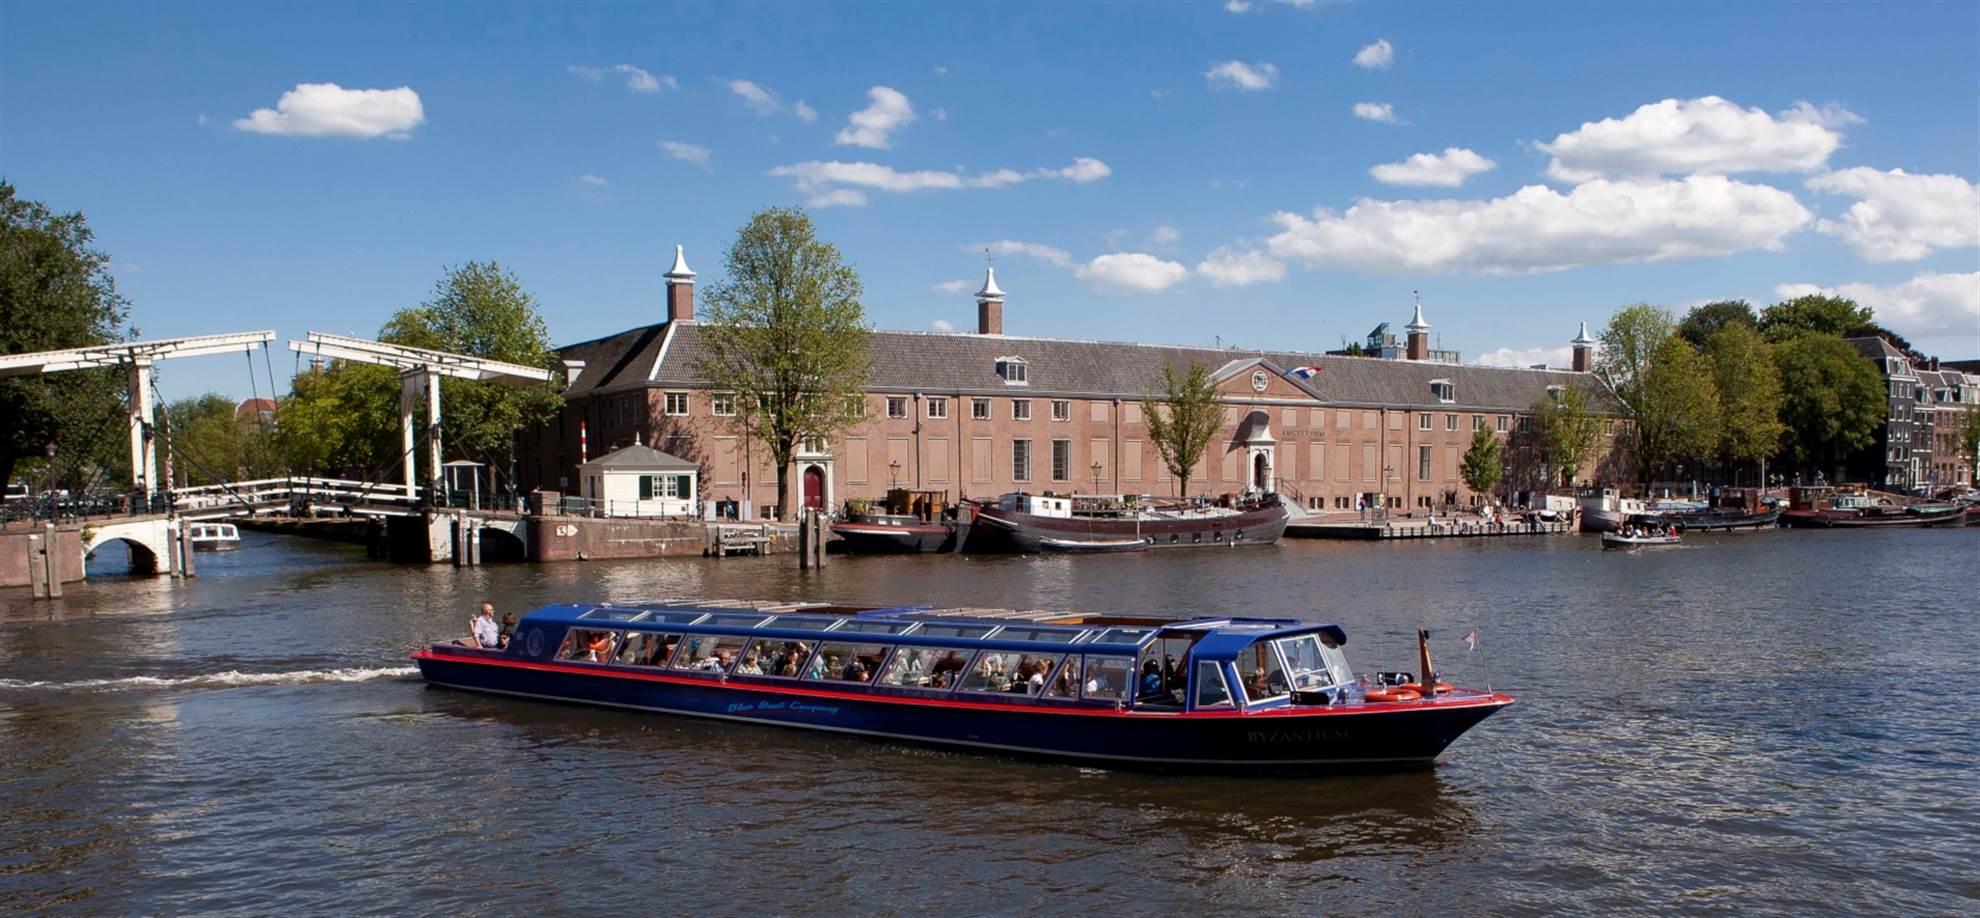 Crociera sui Canali Piazza del museo (a sud della città)